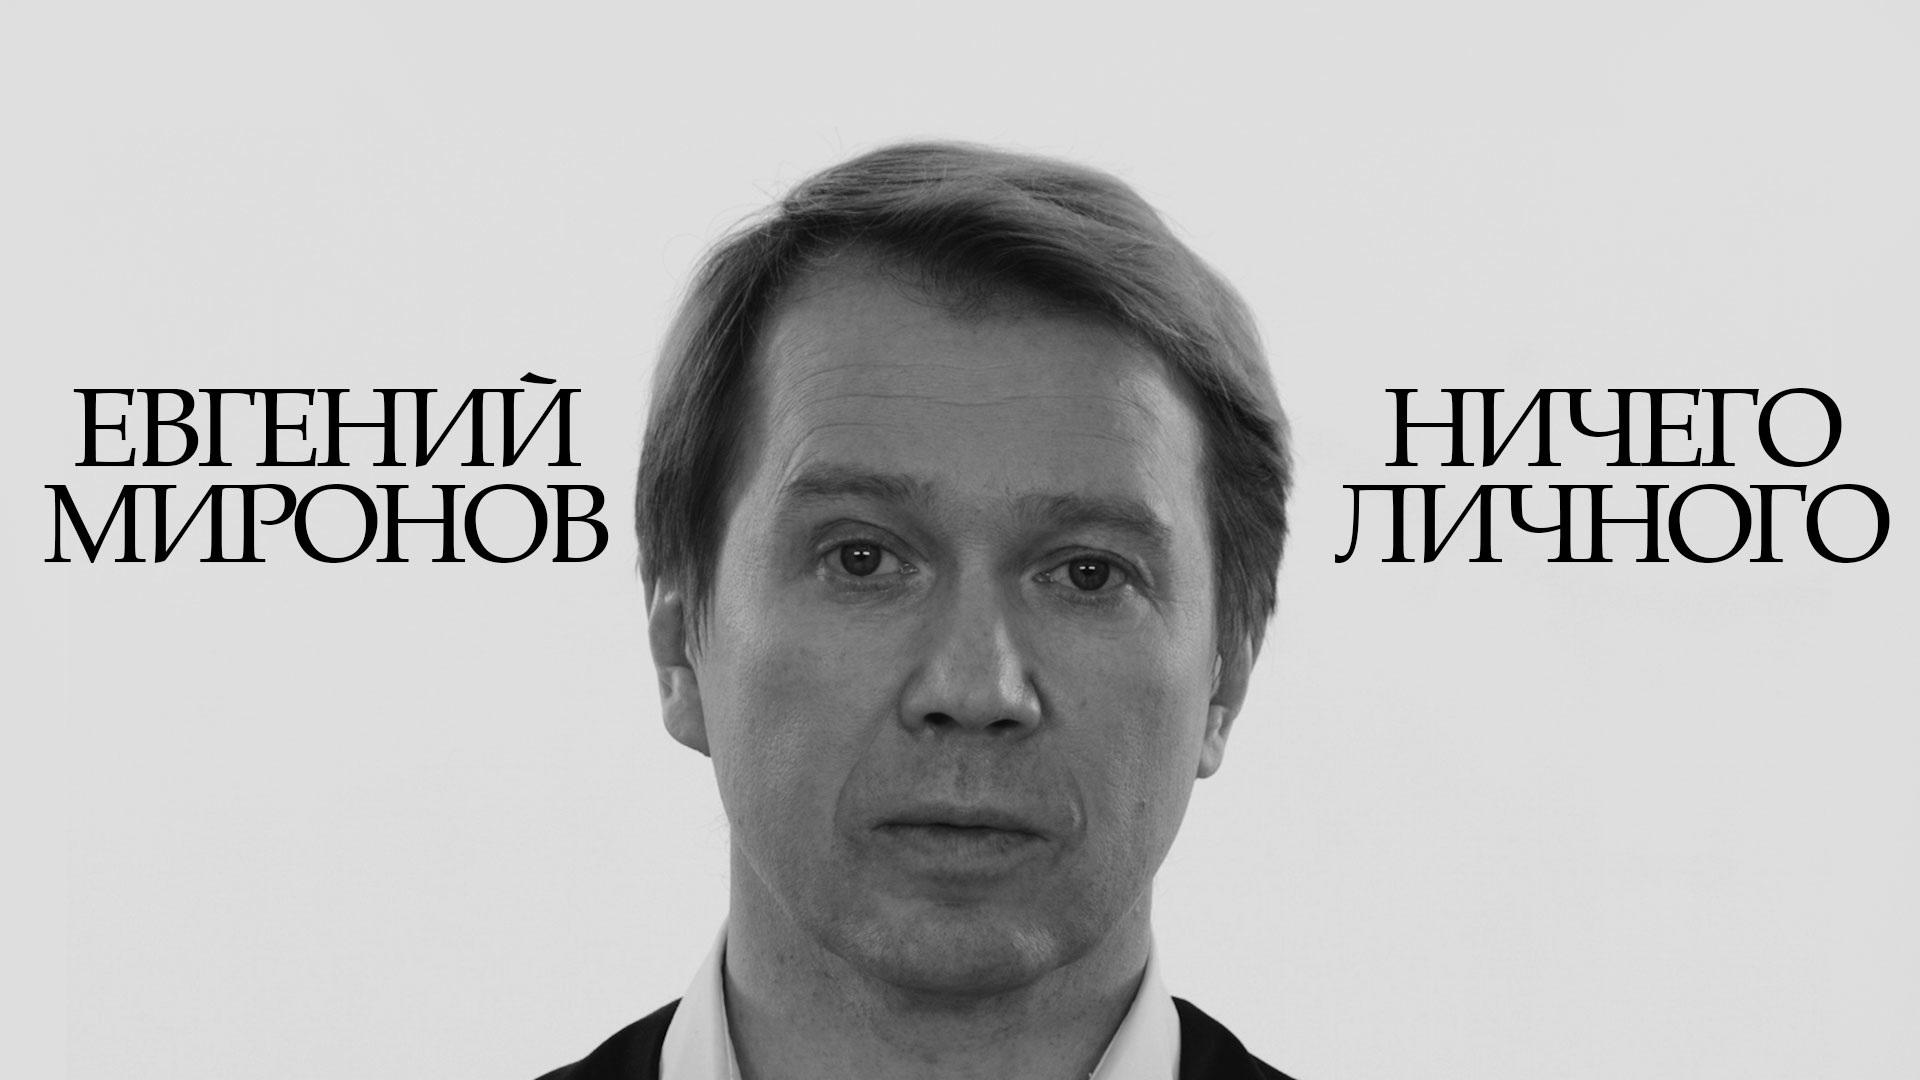 Евгений Миронов. Ничего личного